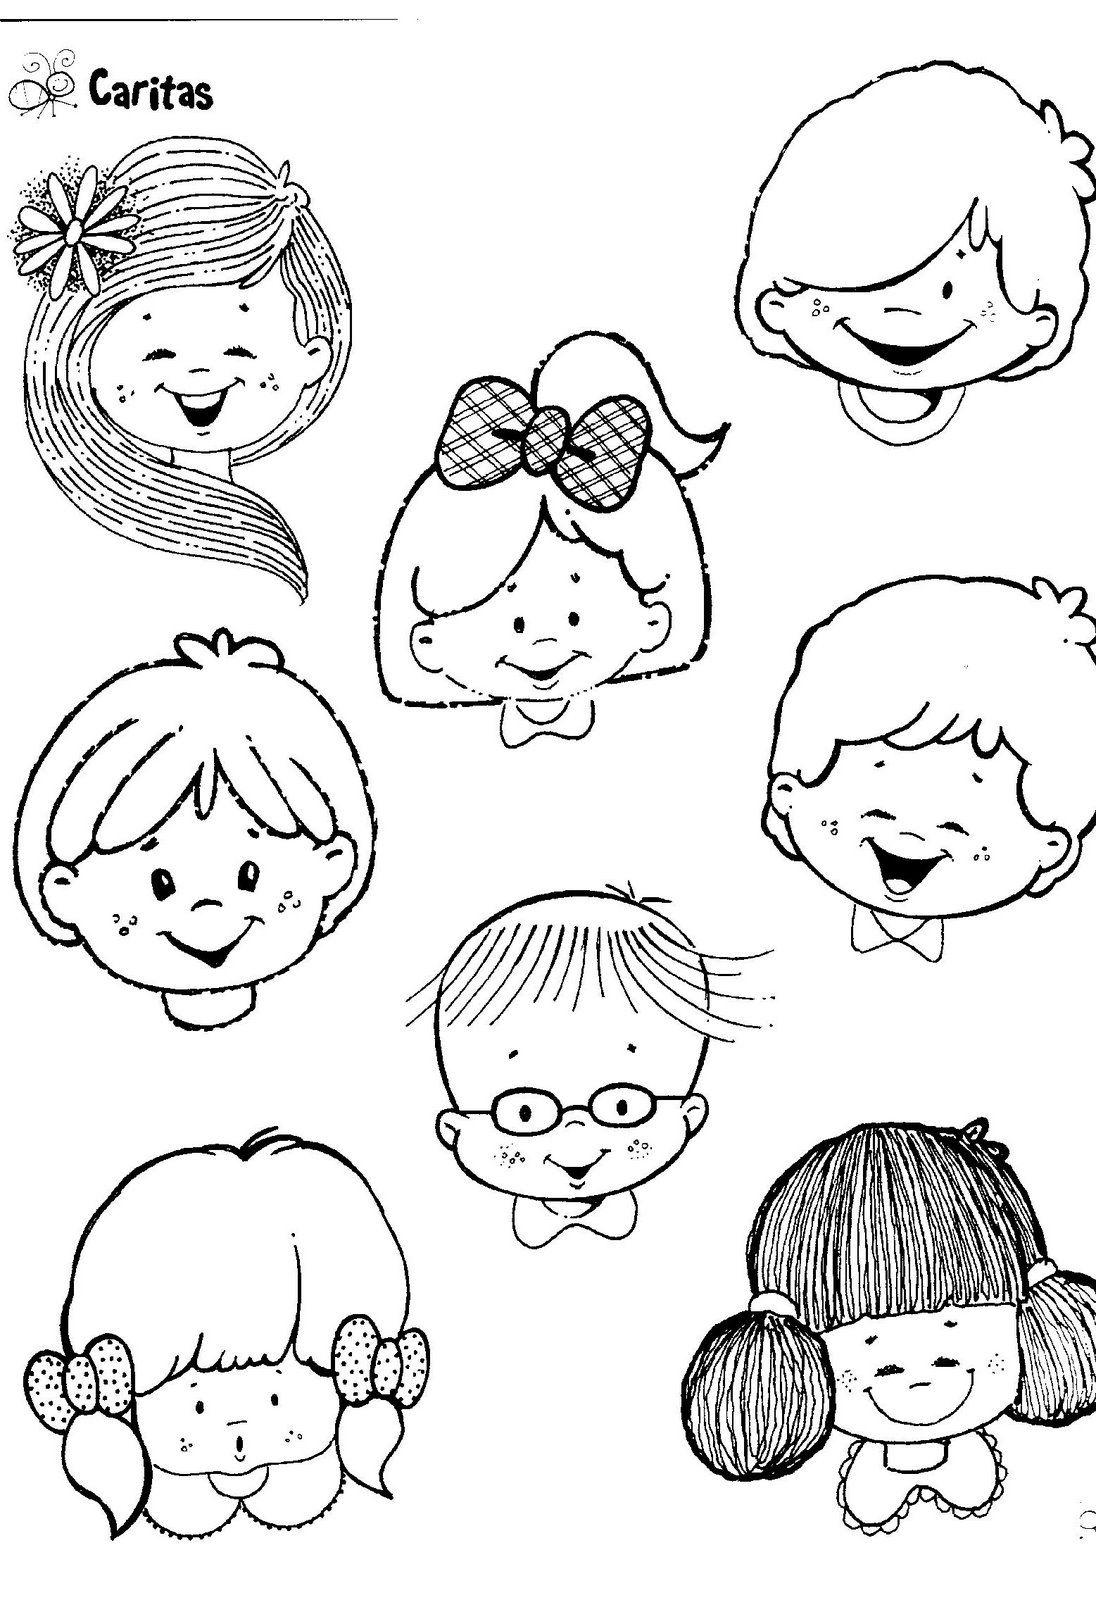 Fichas Infantiles: Caritas para colorear e imprimir | Actividades ...